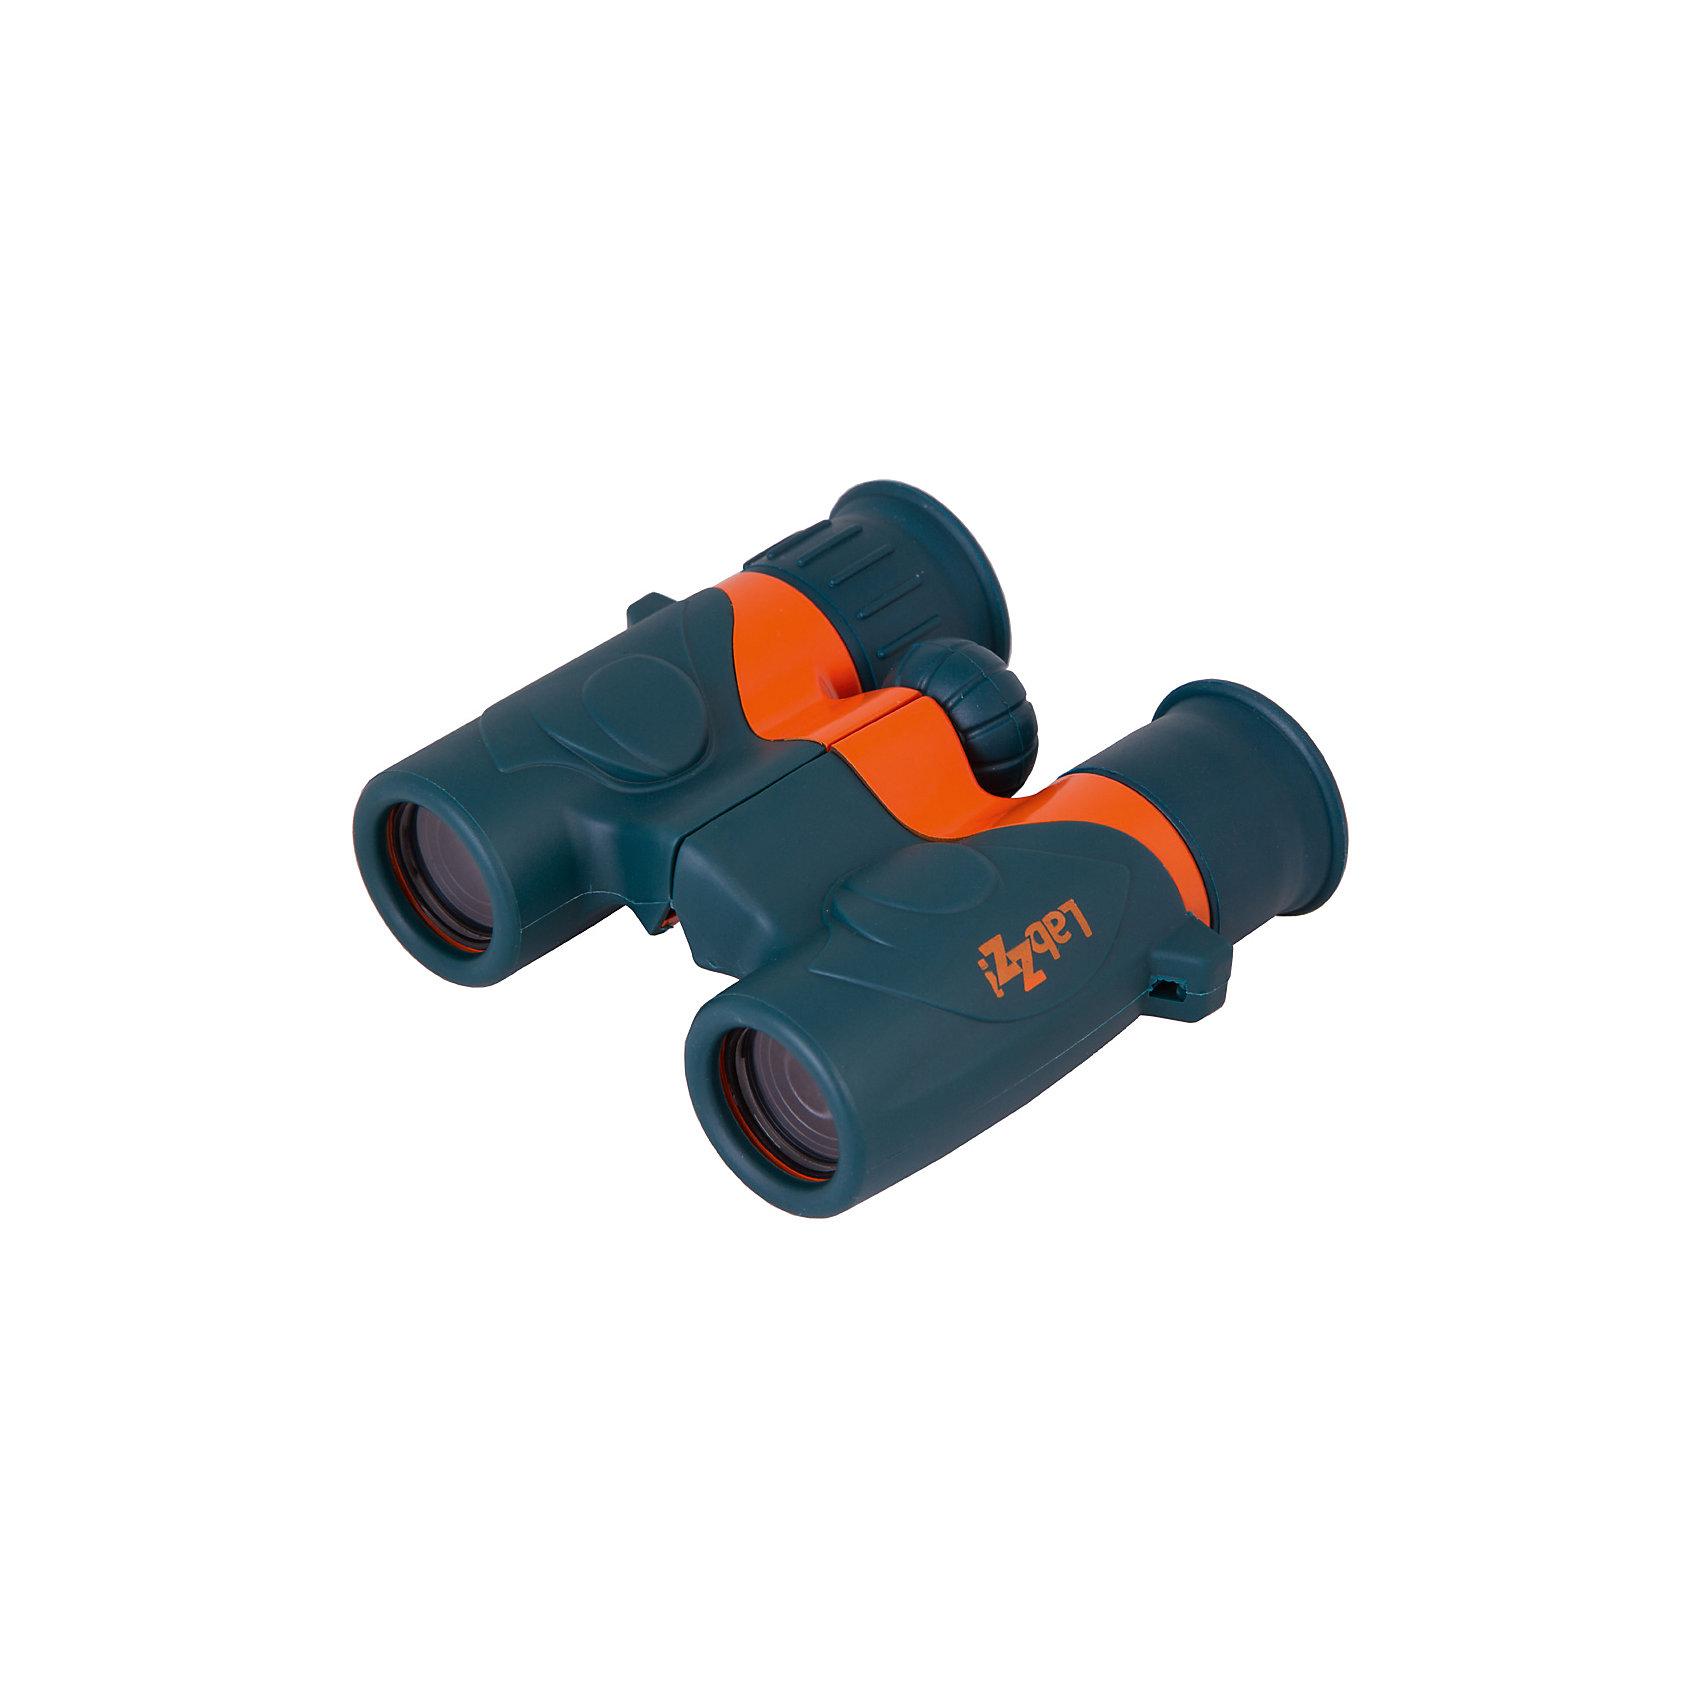 Бинокль Levenhuk LabZZ B2Эксперименты и опыты<br>Характеристики товара:<br><br>• материал: пластик<br>• увеличение: до 6 крат<br>• легкий корпус<br>• резиновые наглазники<br>• диаметр объектива (апертура): 21 мм<br>• поле зрения на удалении 1000 м: 120 м<br>• межзрачковое расстояние: 65–50 мм<br>• способ фокусировки: центральная<br>• комплектация: бинокль, мягкий чехол, ремешок на руку, салфетка для оптики, руководство по эксплуатации и гарантийный талон<br>• страна бренда: США<br>• страна производства: КНР<br><br>Бинокль - это отличный способ заинтересовать ребенка наблюдениями и привить ему интерес к учебе. Эта модель была разработана специально для детей - он позволяет увеличивать предметы в 6 крат. Благодаря легкому и прочному корпусу бинокль удобно брать с собой!<br><br>Оптические приборы от американской компании Levenhuk уже успели зарекомендовать себя как качественная и надежная продукция. Для их производства используются только безопасные и проверенные материалы. Такой прибор способен прослужить долго. Подарите ребенку интересную и полезную вещь!<br><br>Бинокль Levenhuk LabZZ B2 от известного бренда Levenhuk (Левенгук) можно купить в нашем интернет-магазине.<br><br>Ширина мм: 103<br>Глубина мм: 53<br>Высота мм: 118<br>Вес г: 272<br>Возраст от месяцев: 60<br>Возраст до месяцев: 2147483647<br>Пол: Унисекс<br>Возраст: Детский<br>SKU: 5435294